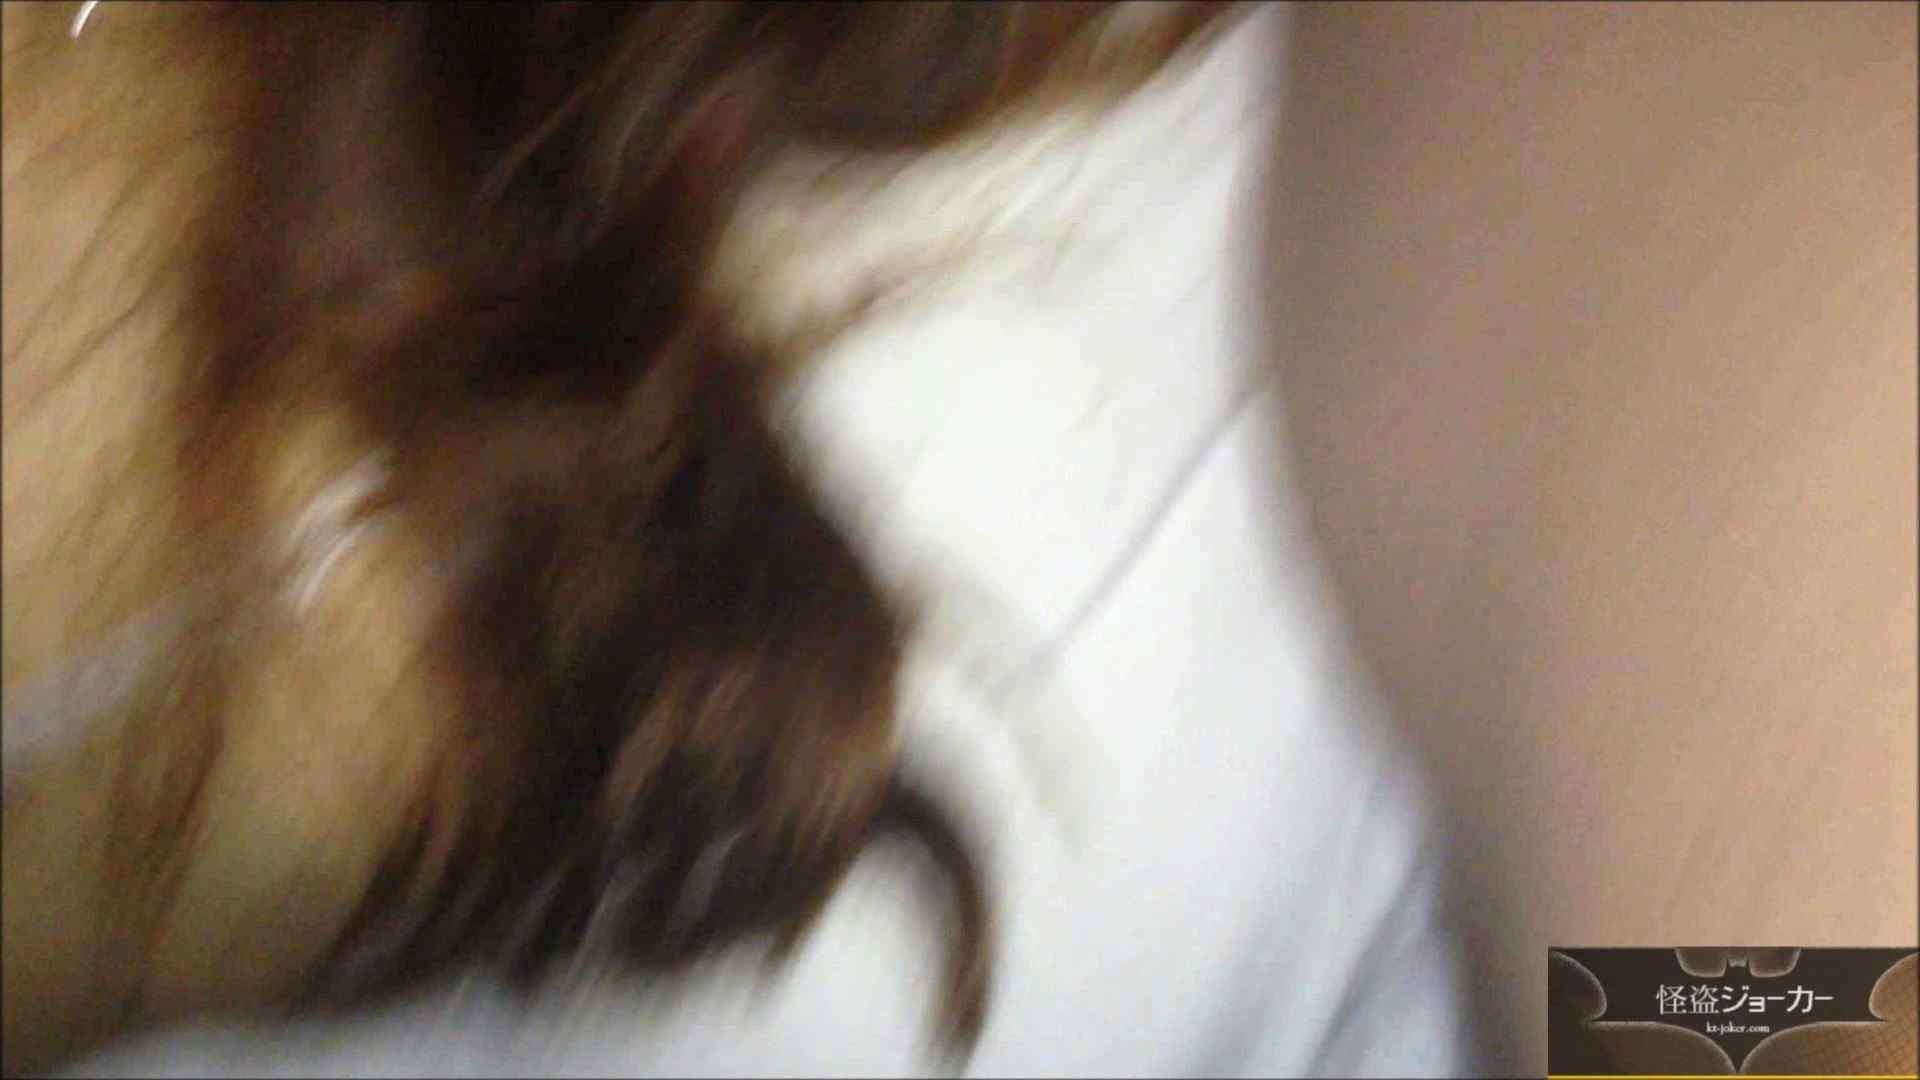 【未公開】vol.66 {現役JDの友達2人組}セクシー系ギャルH・Kちゃん③ ギャル   エッチすぎるOL達  93連発 7